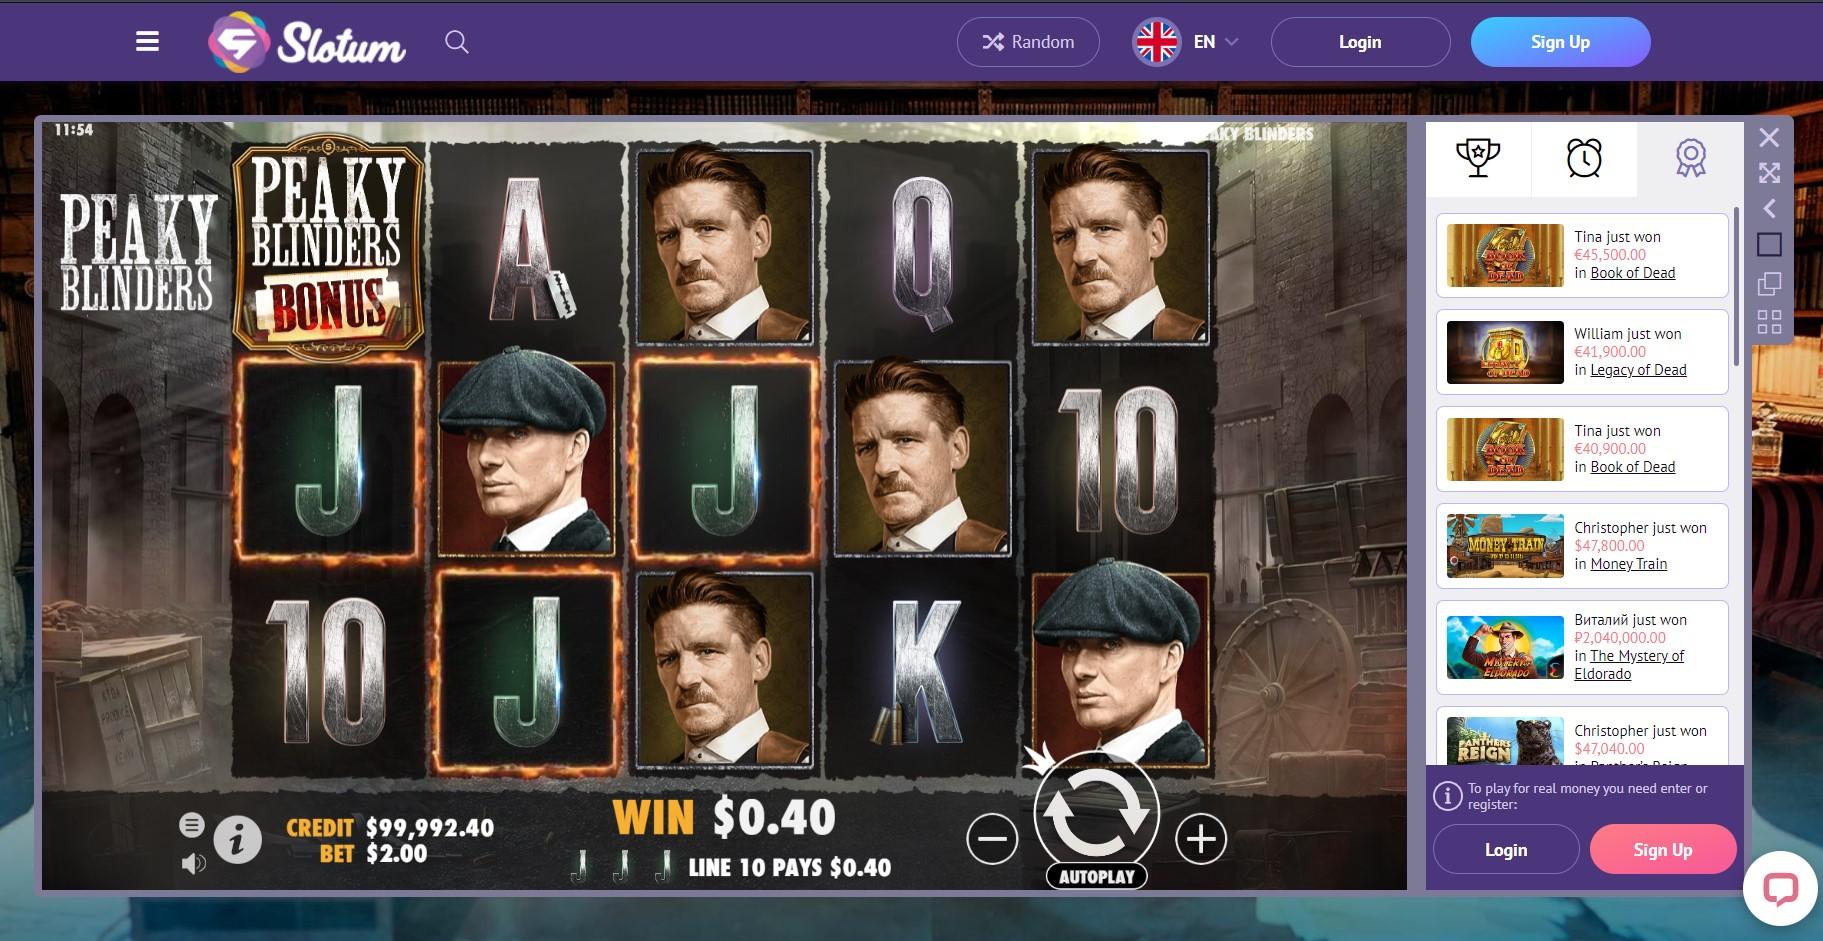 Slotum casino peaky blinders slot